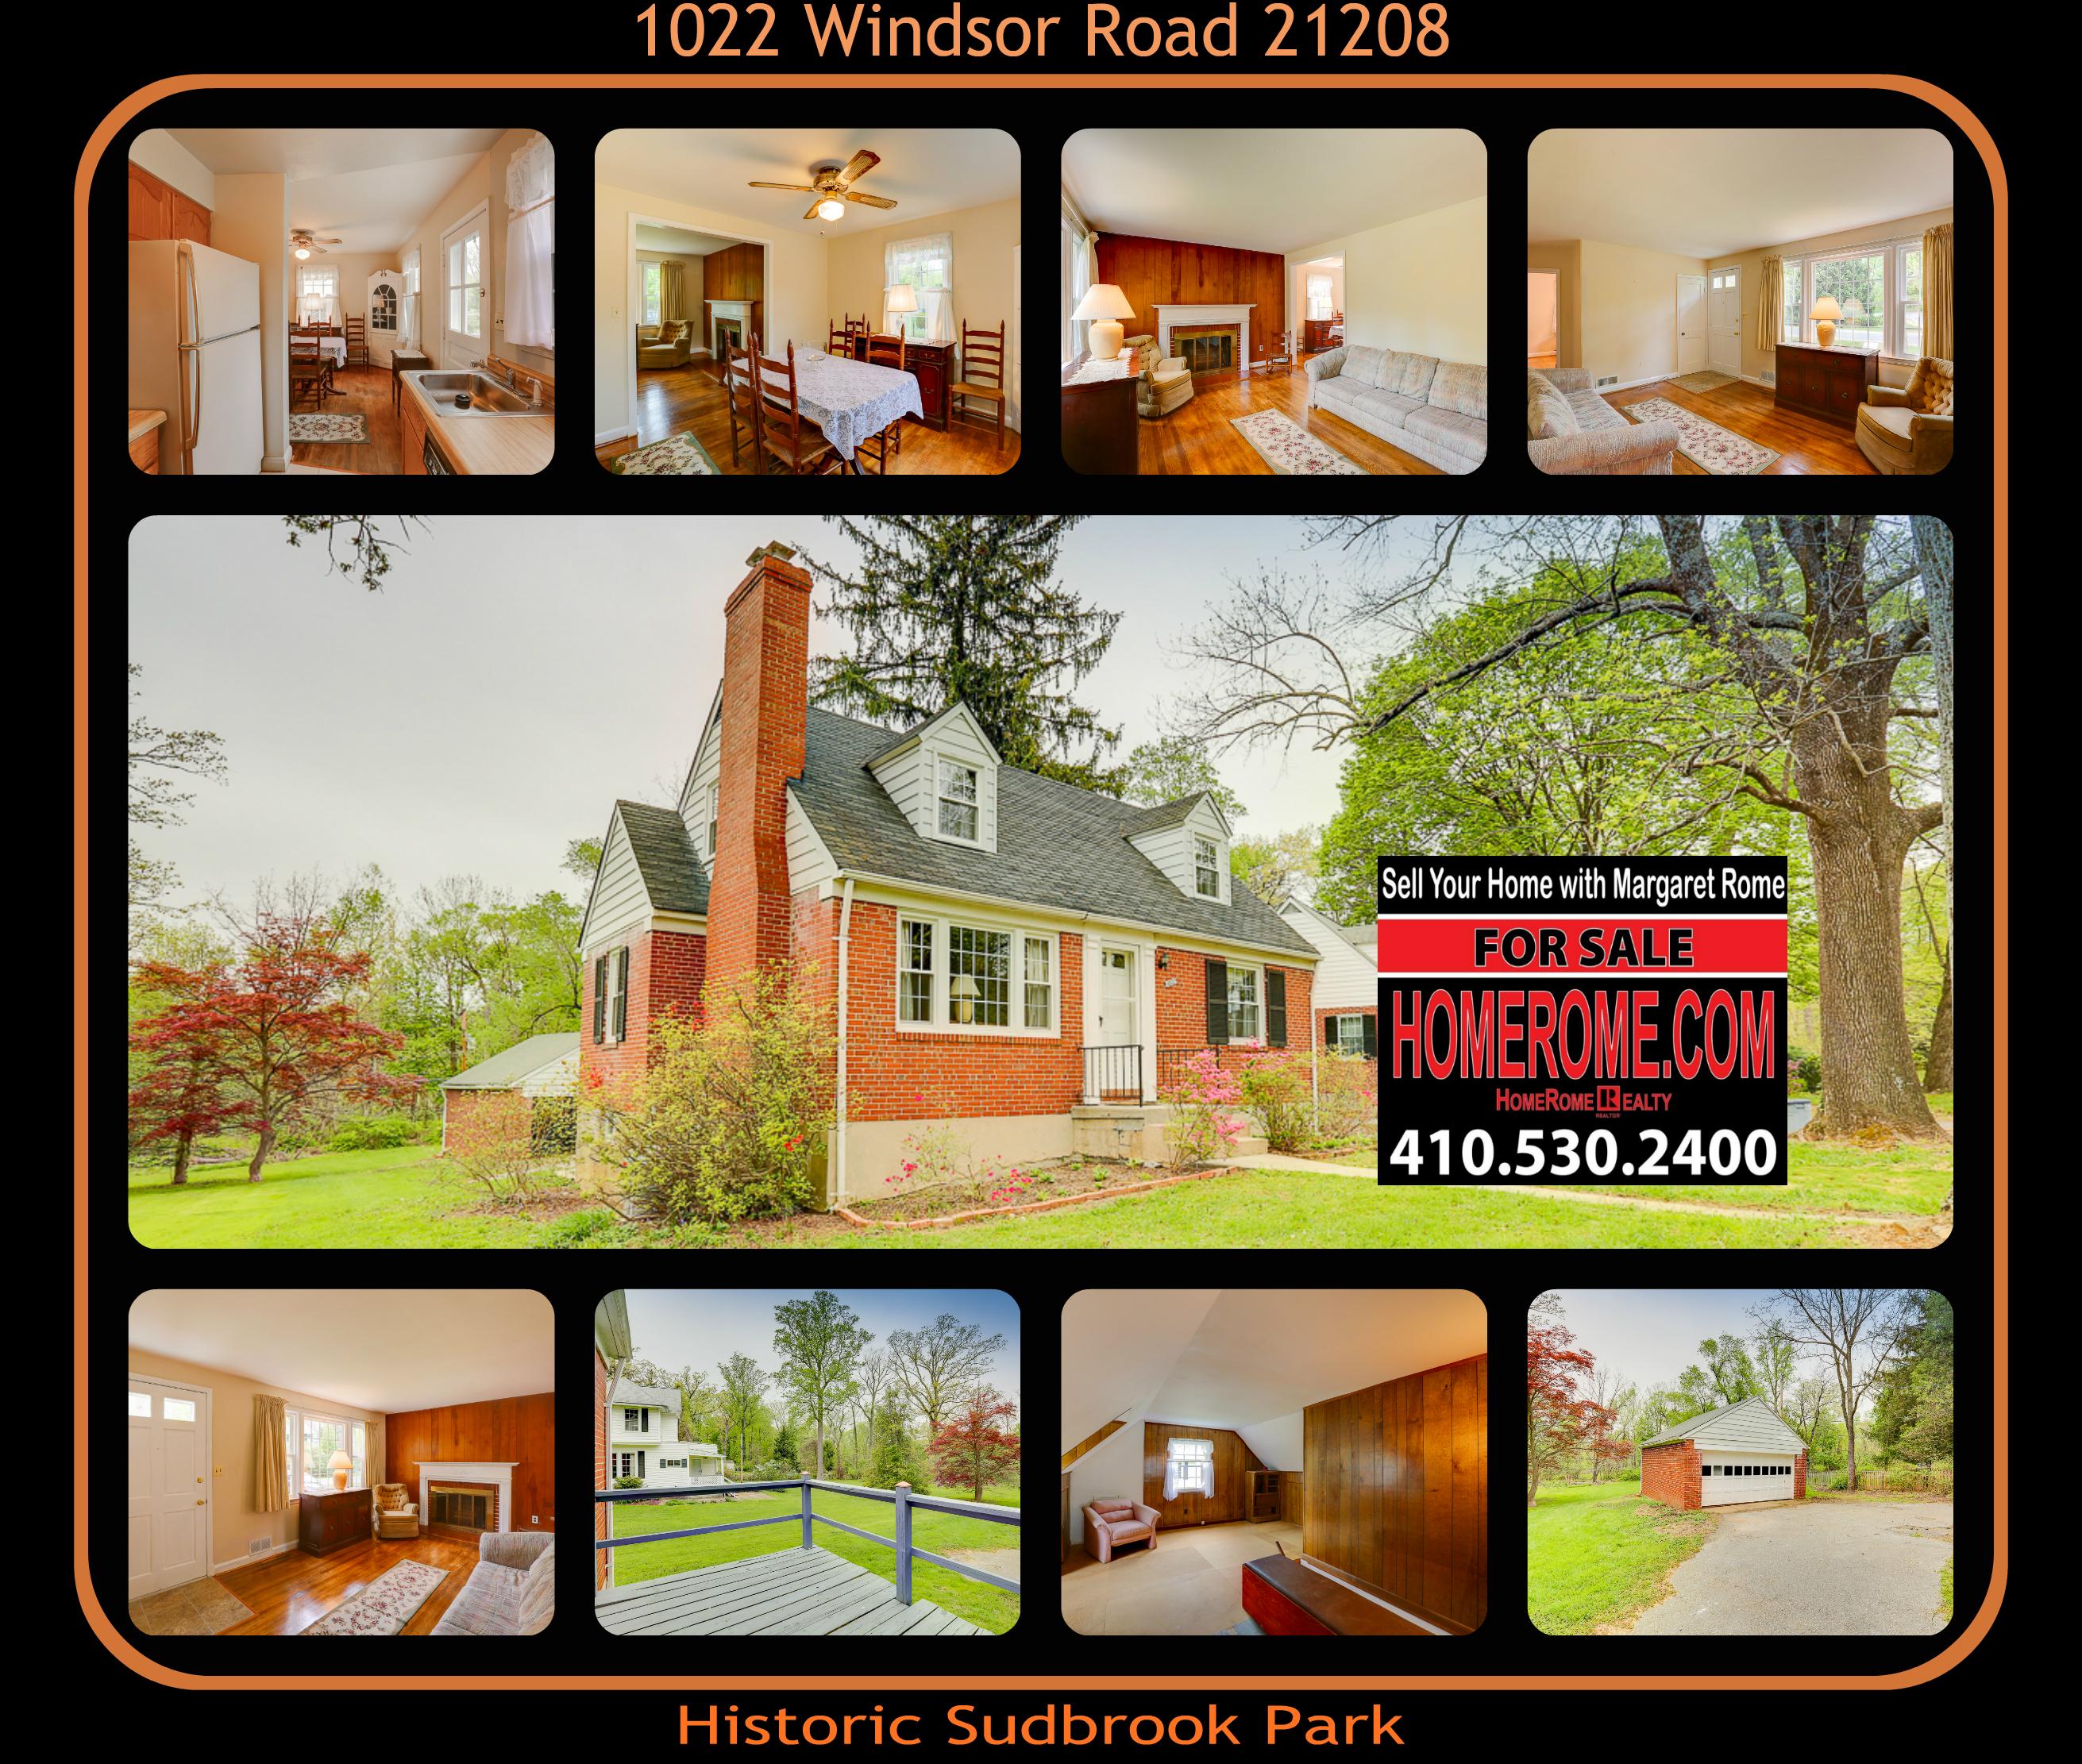 1022 Windsor Rd Margaret Rome 410-530-2400